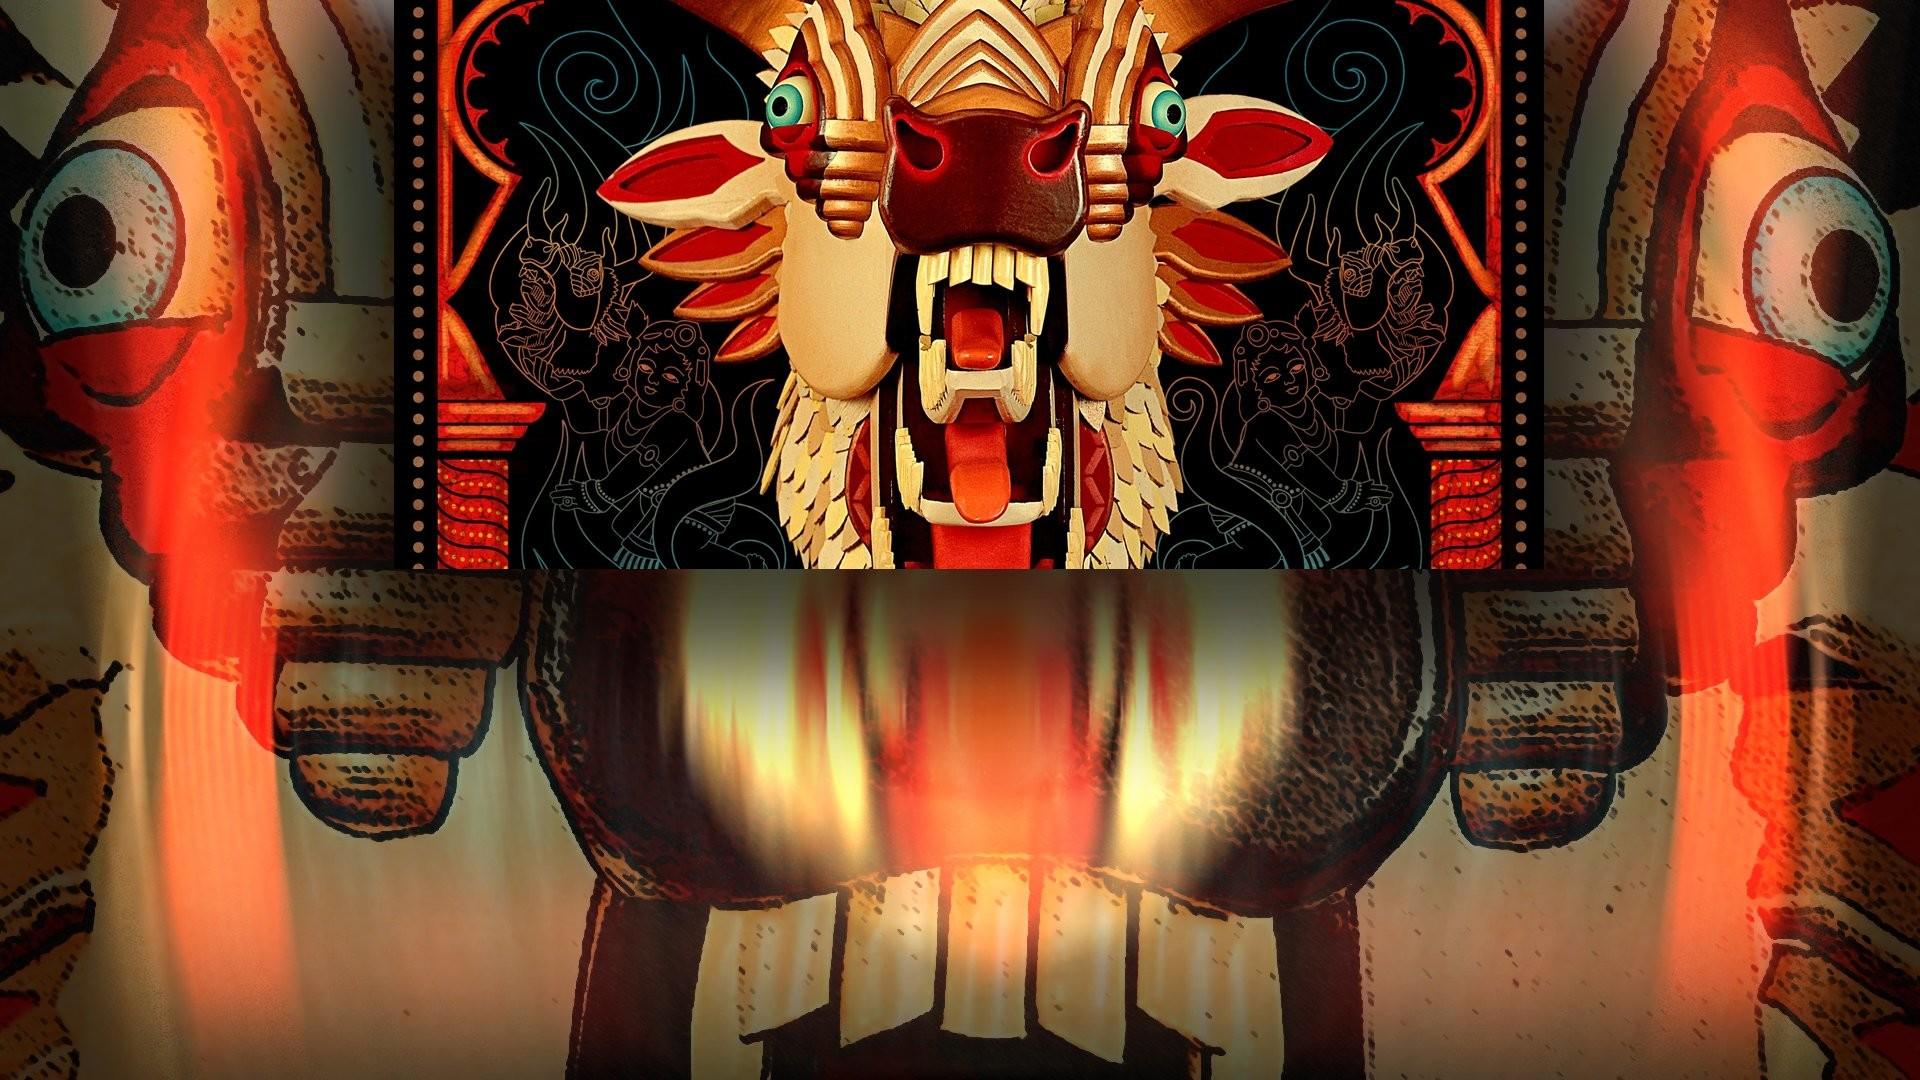 MASTODON sludge metal progressive heavy fantasy dark psychedelic wallpaper  | | 491927 | WallpaperUP